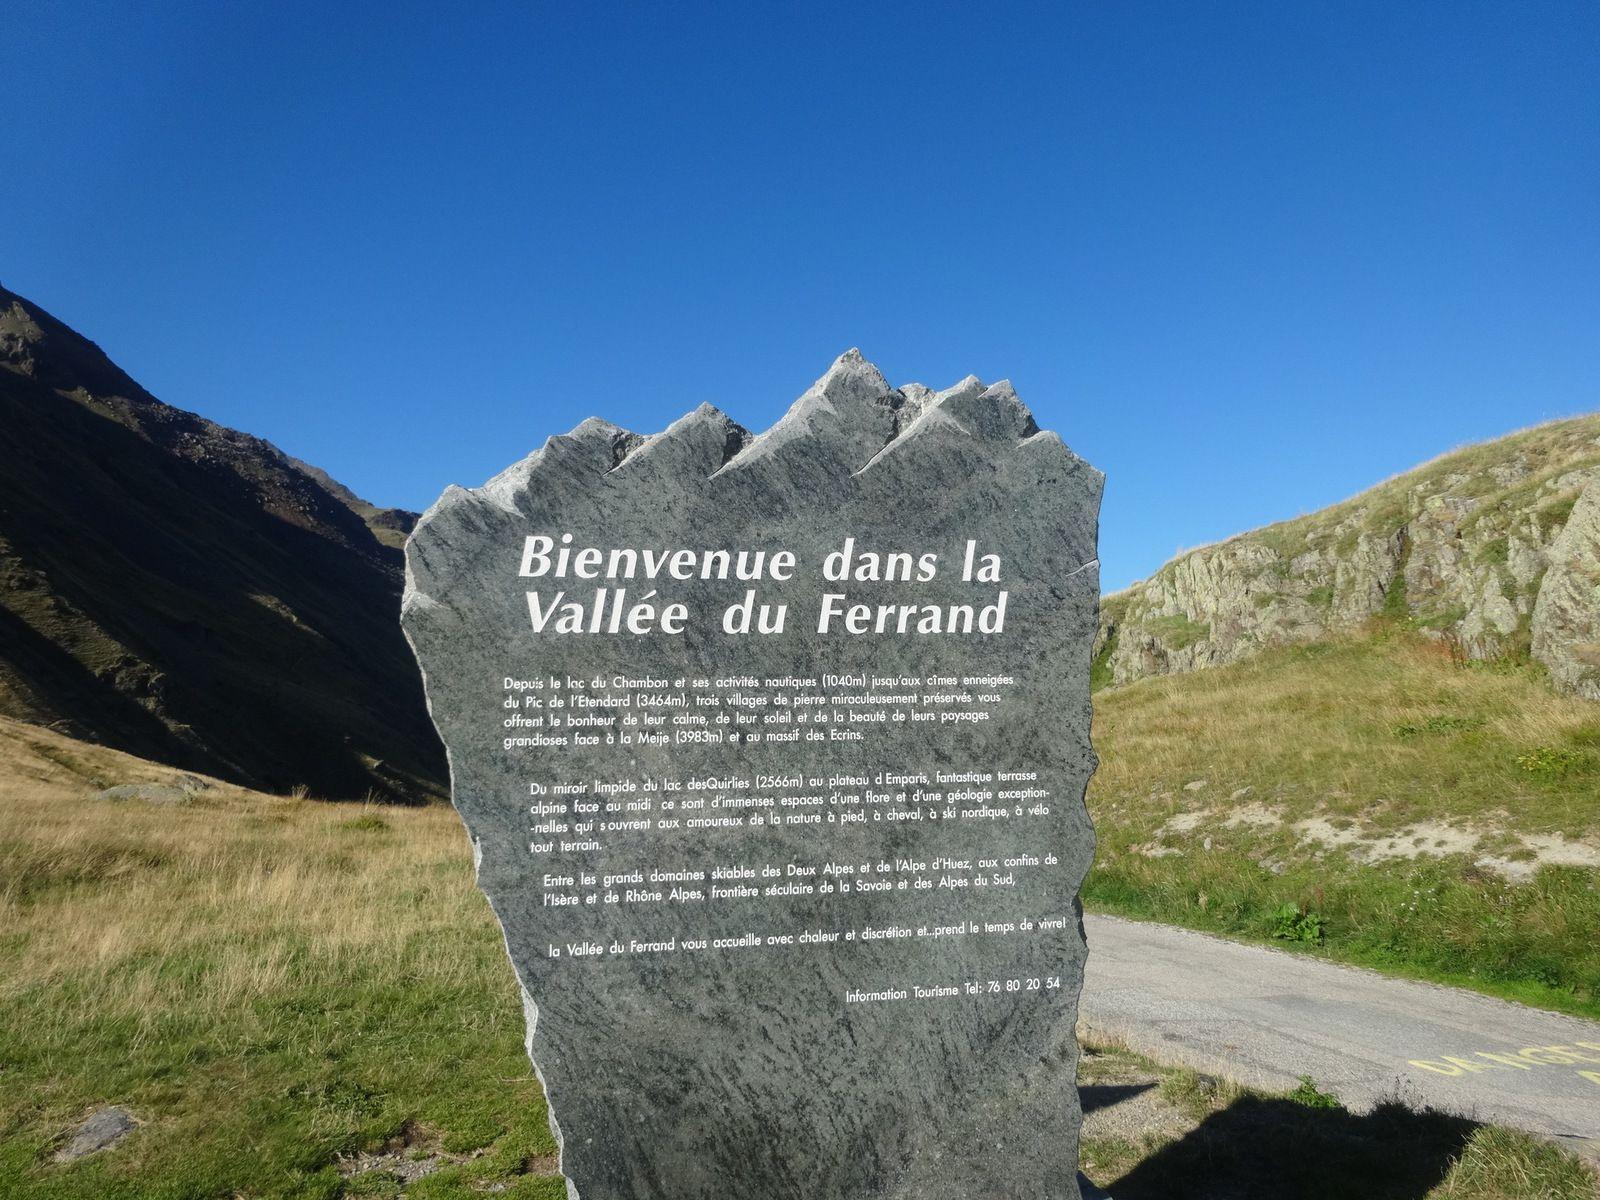 La vallée du Ferrand en Oisans